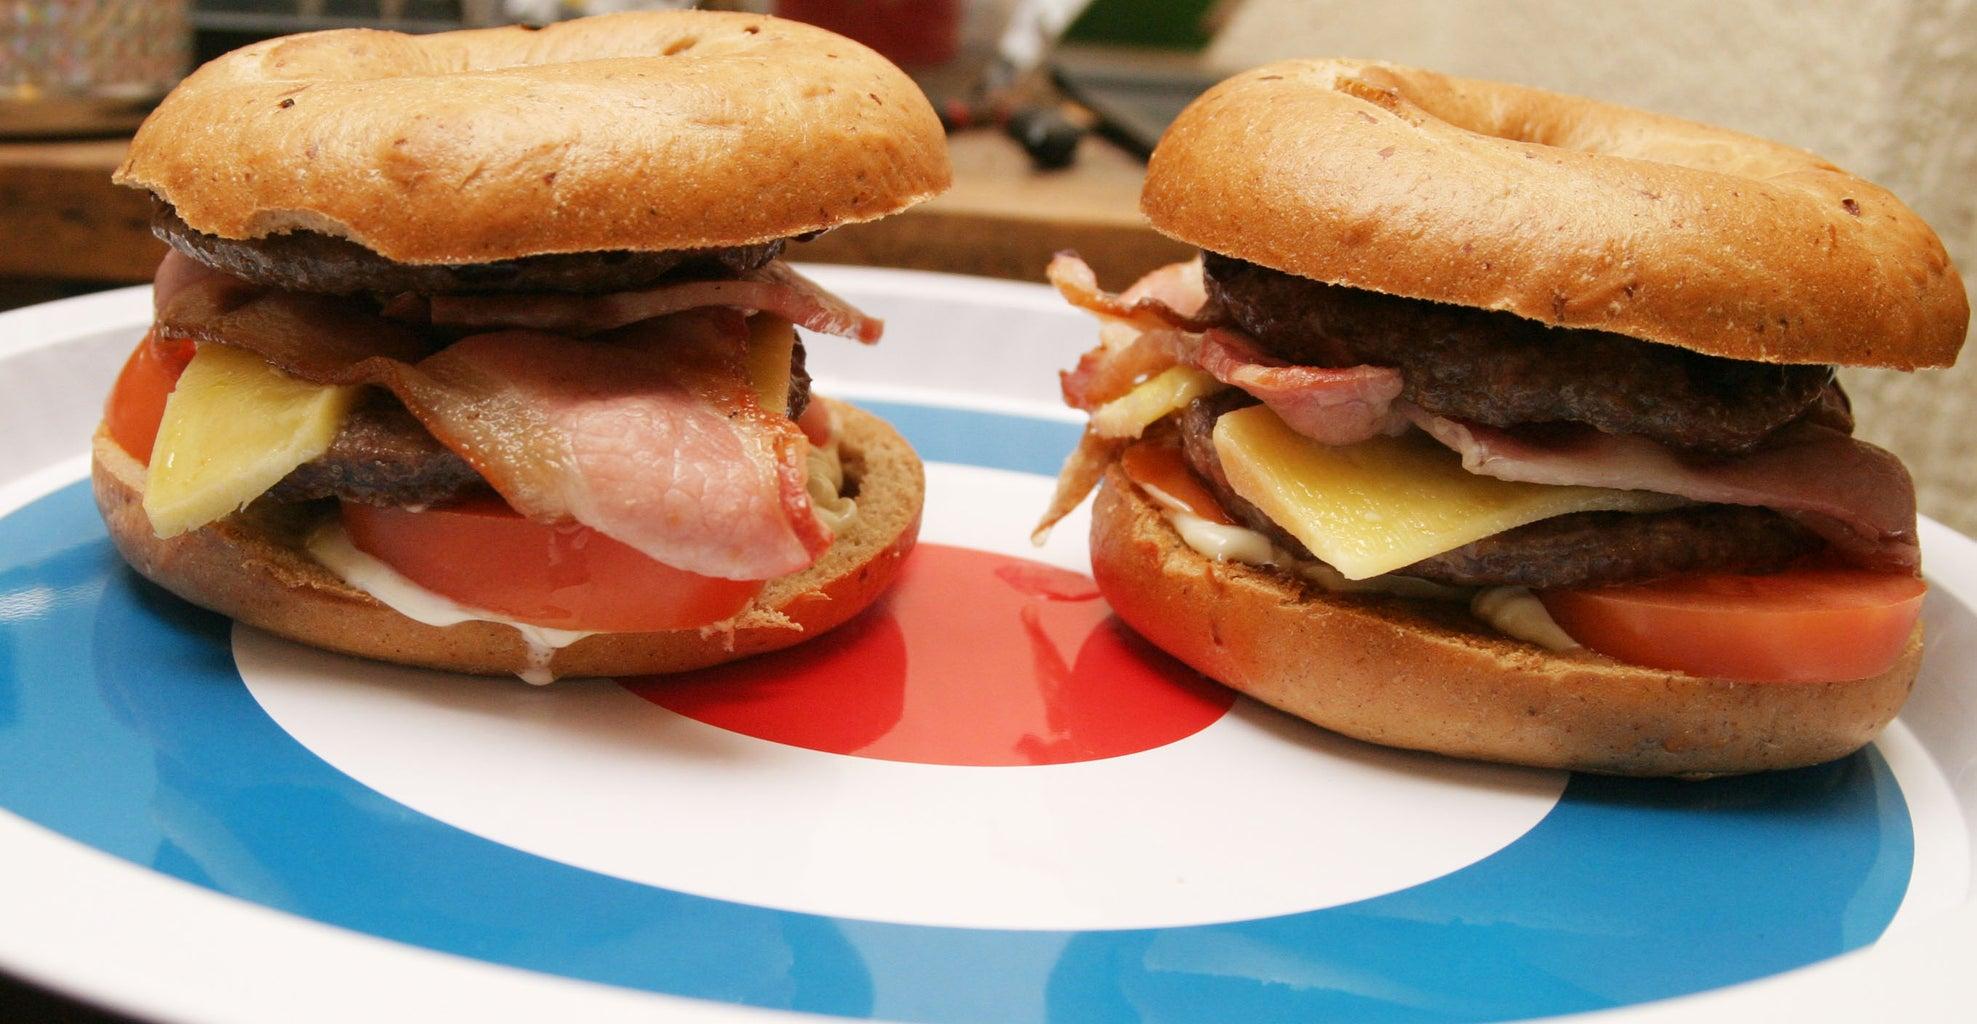 Bacon Bagel Double Cheeseburger